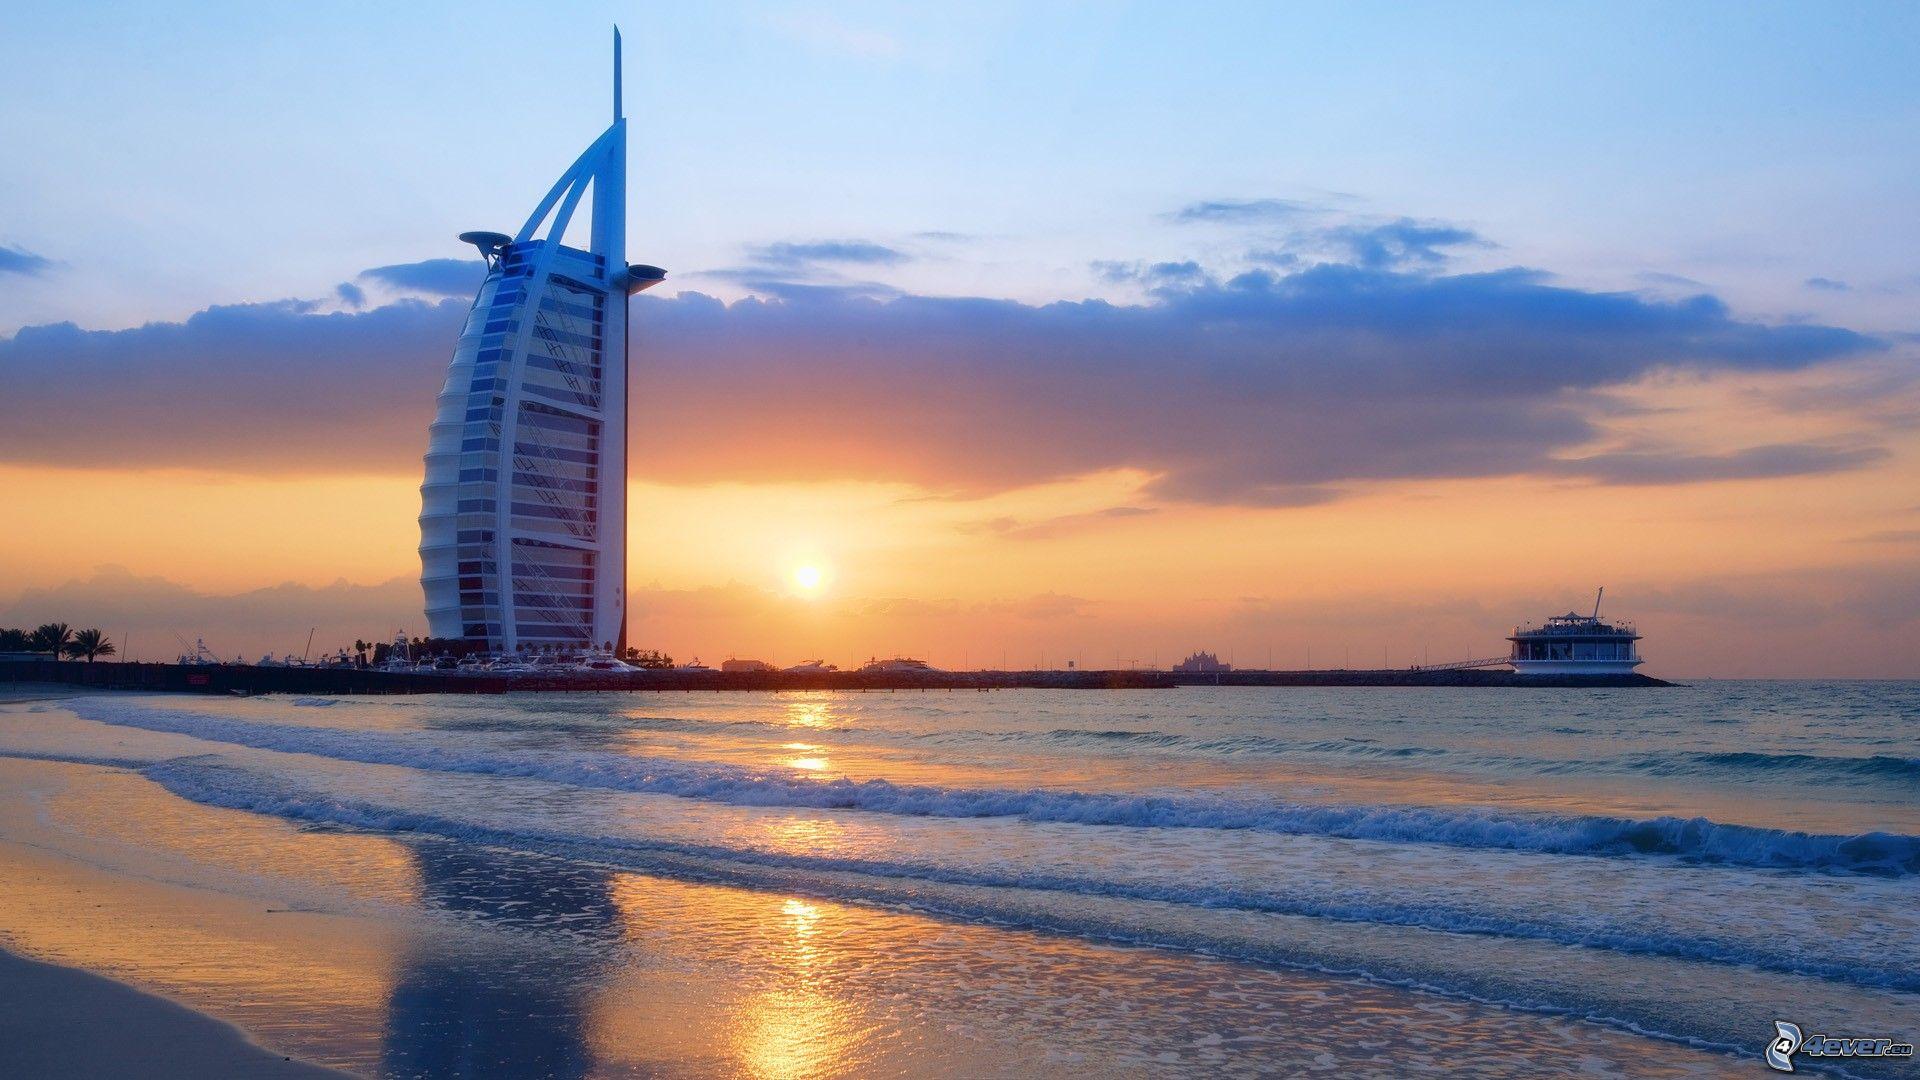 Sea Building In Dubai | Images Guru